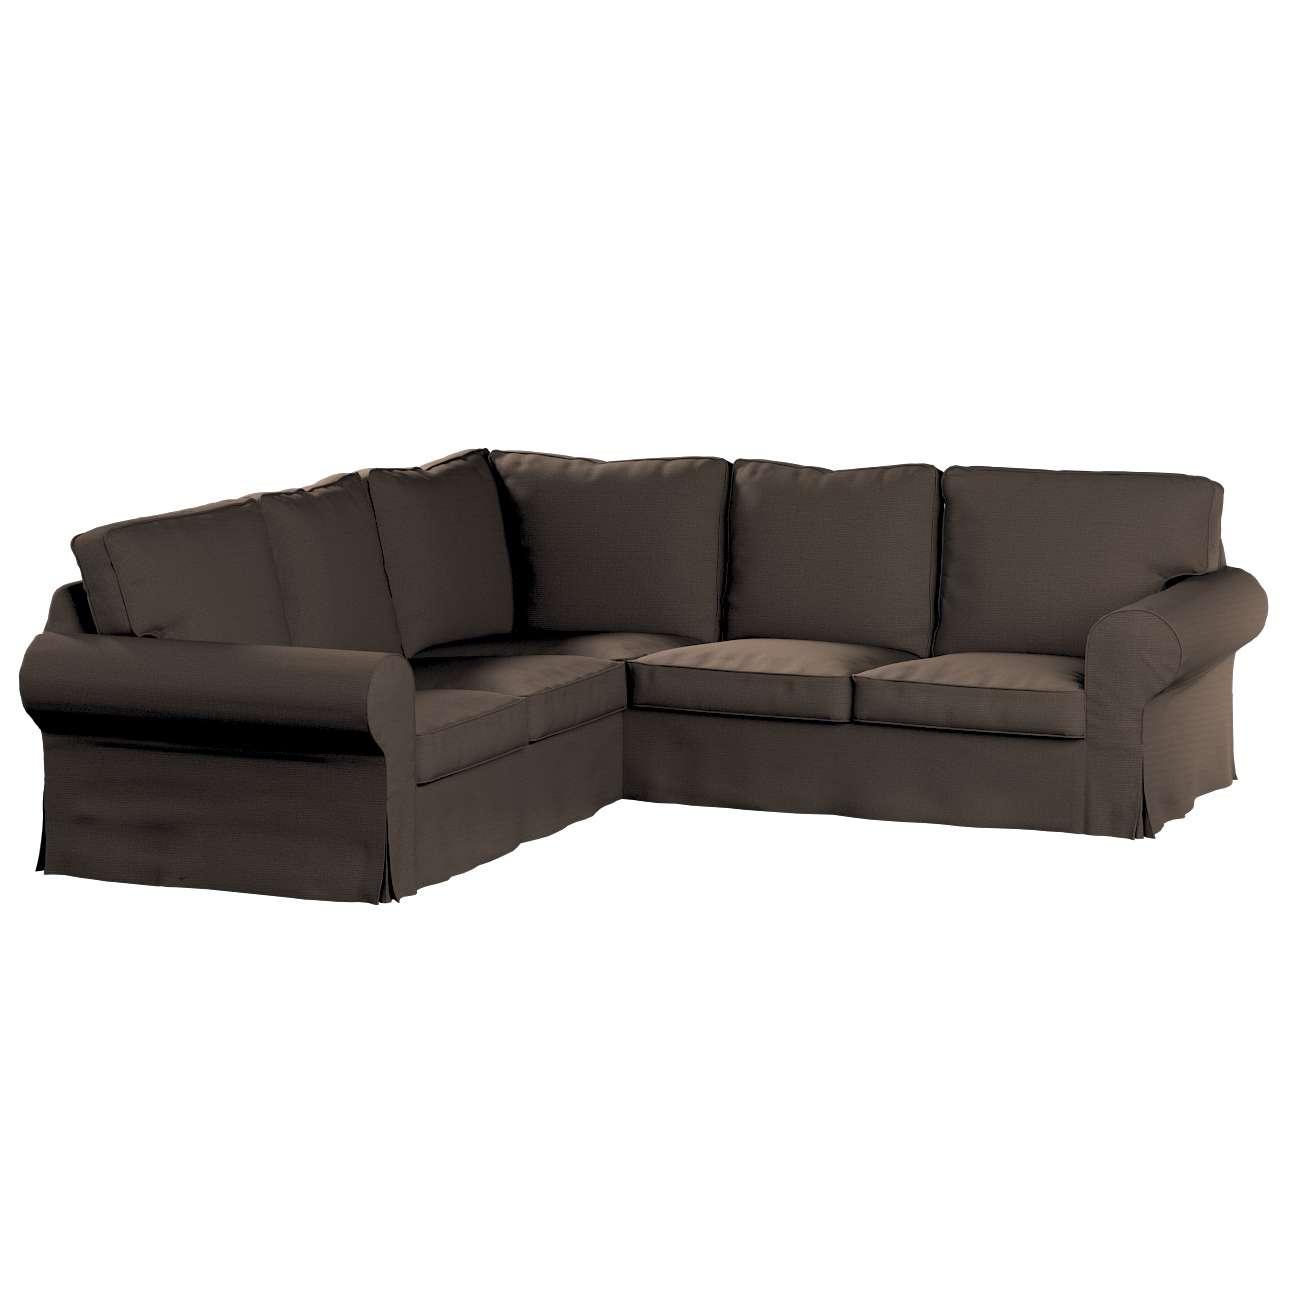 Pokrowiec na sofę narożną Ektorp w kolekcji Etna, tkanina: 705-08